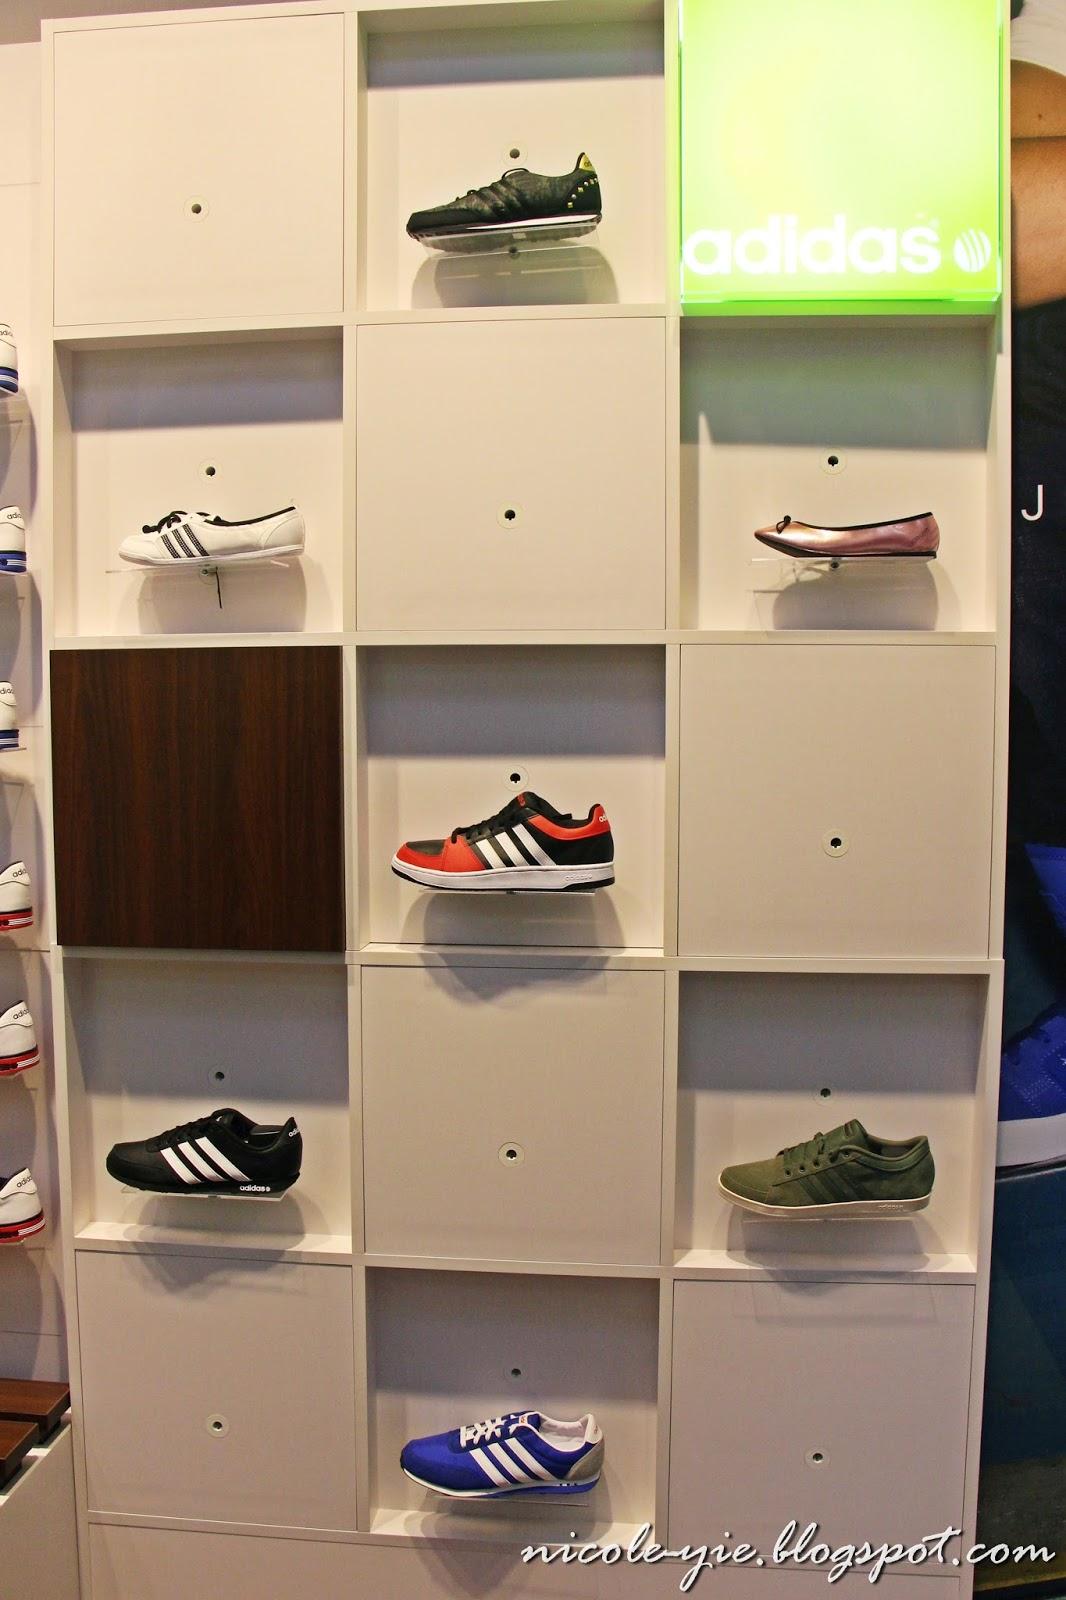 adidas neo queensbay